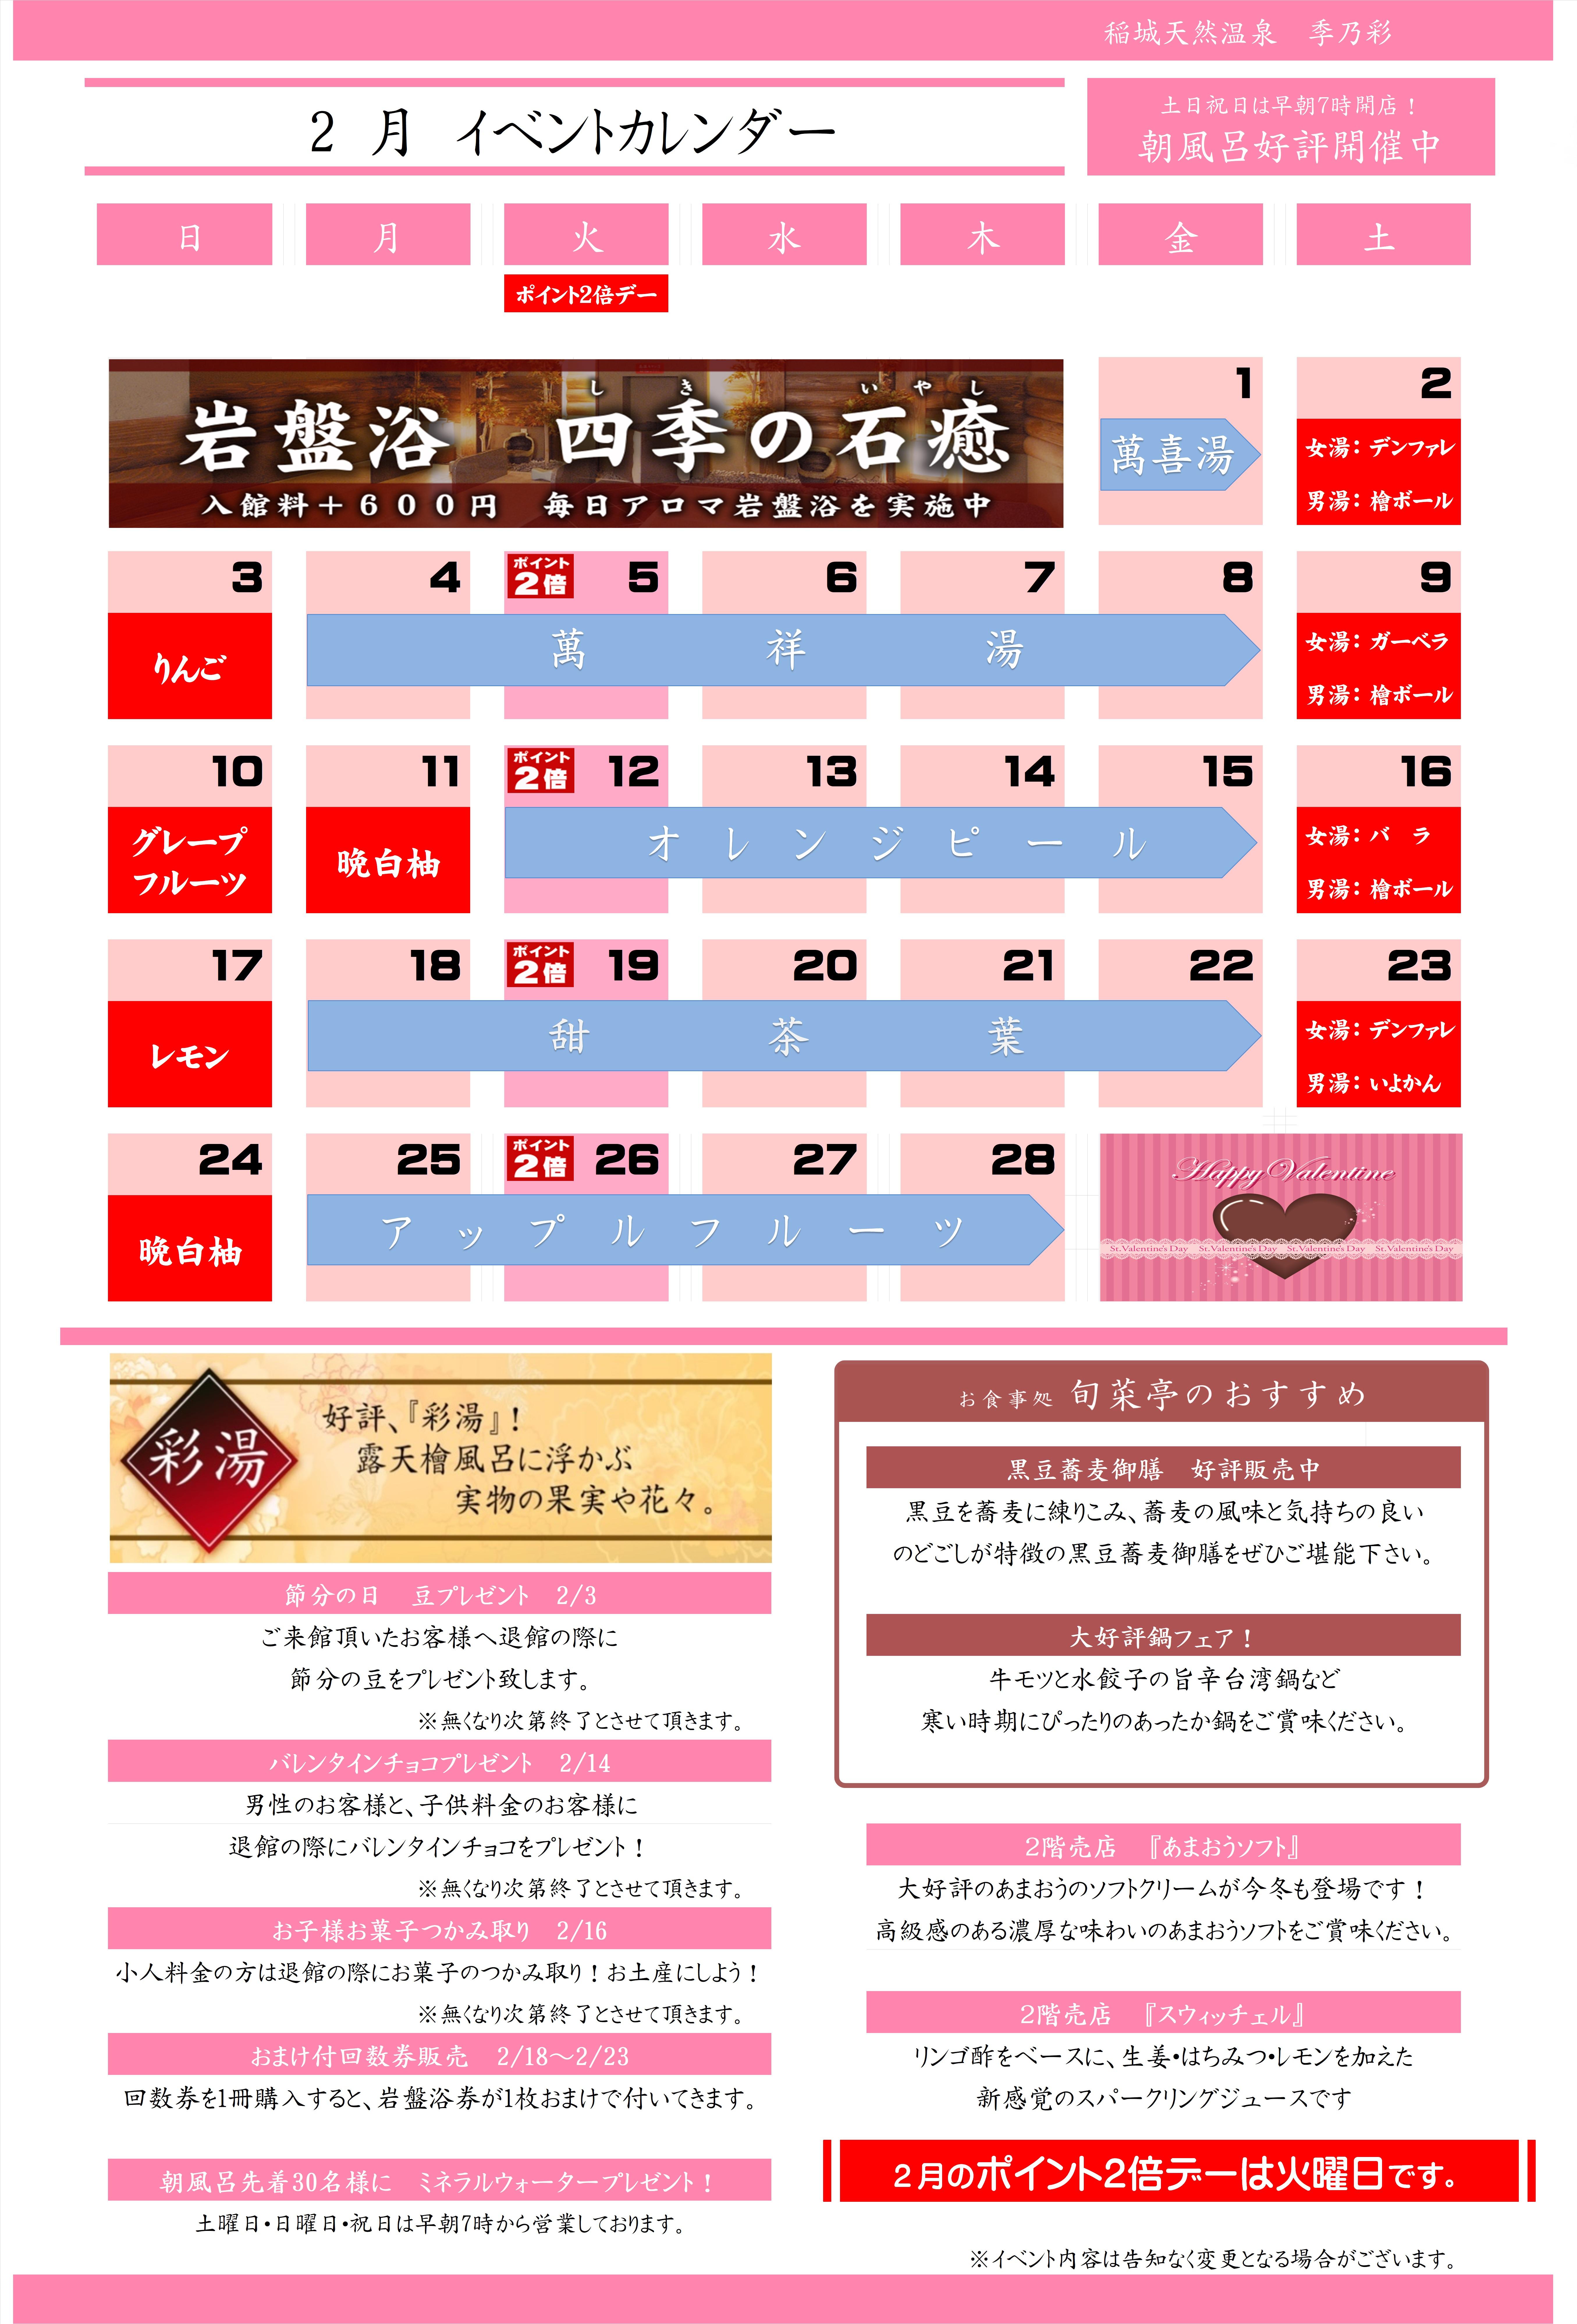 201902 イベントカレンダー